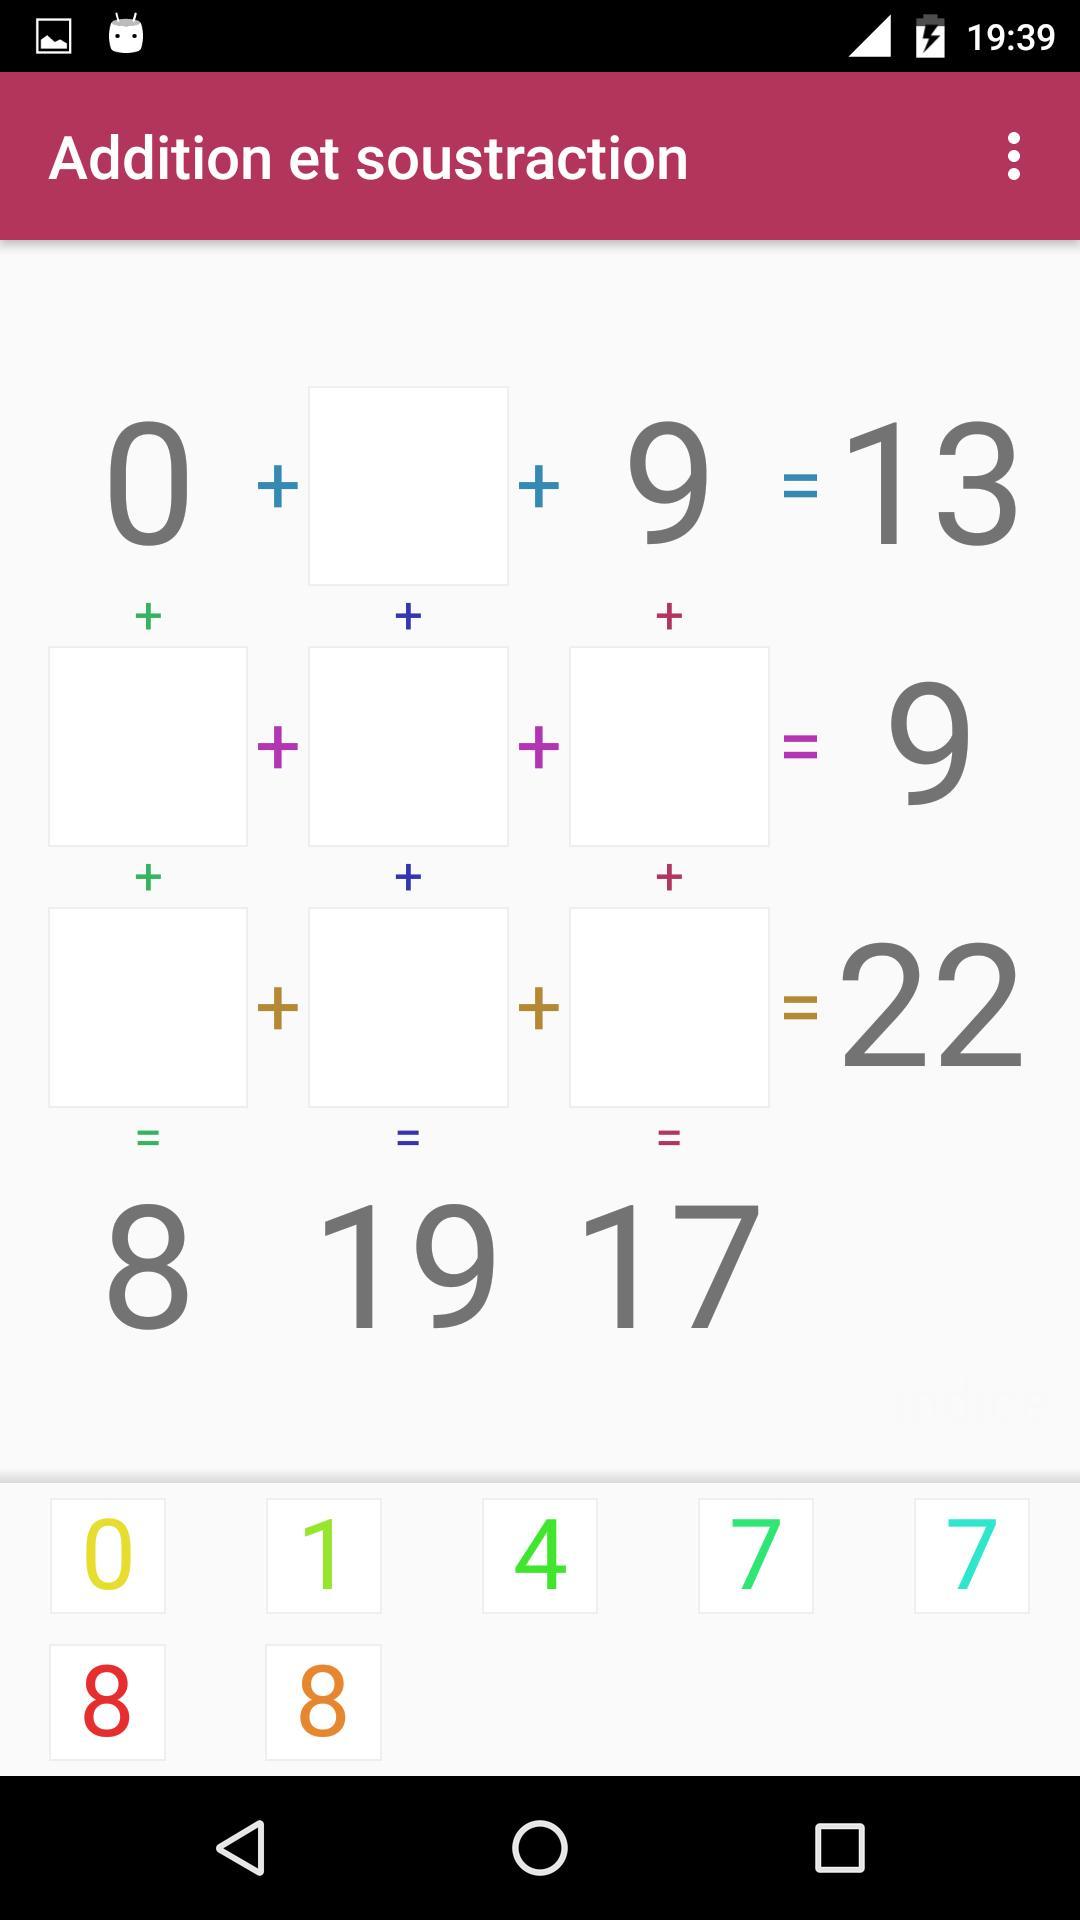 Android Için Jeu D'addition Et Soustraction - Apk'yı İndir destiné Comment Jouer Sudoku